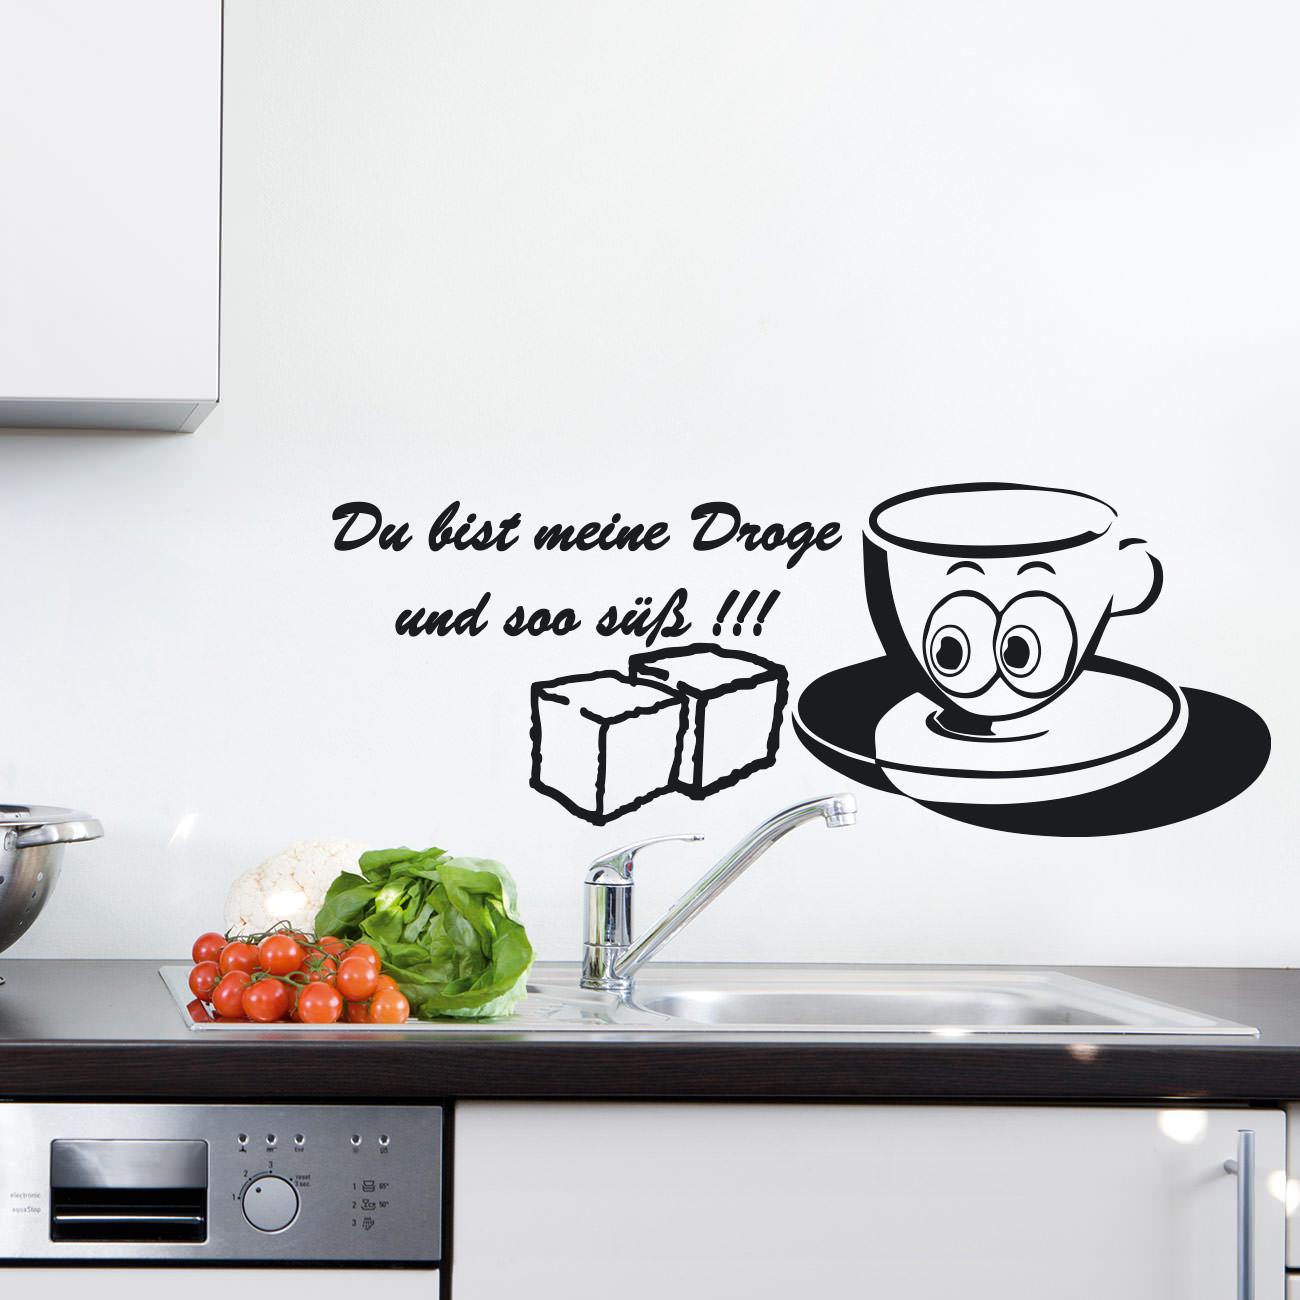 2+ Dekoration Wandtattoos & Wandbilder Wandtattoo Kaffeetasse ...